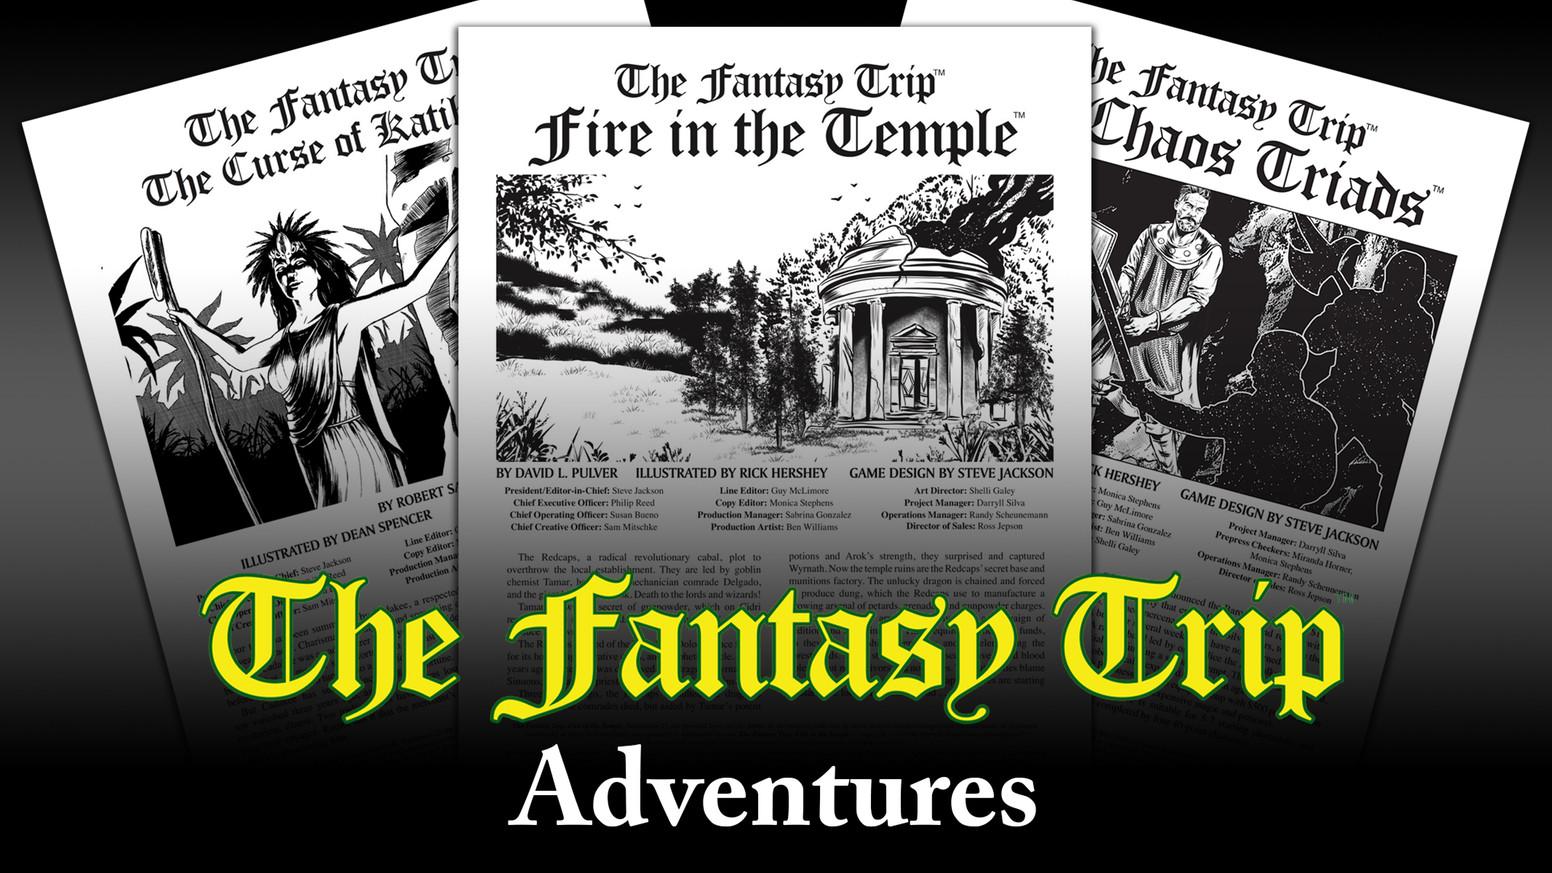 The Fantasy Trip - Fantasy Trip Adventures